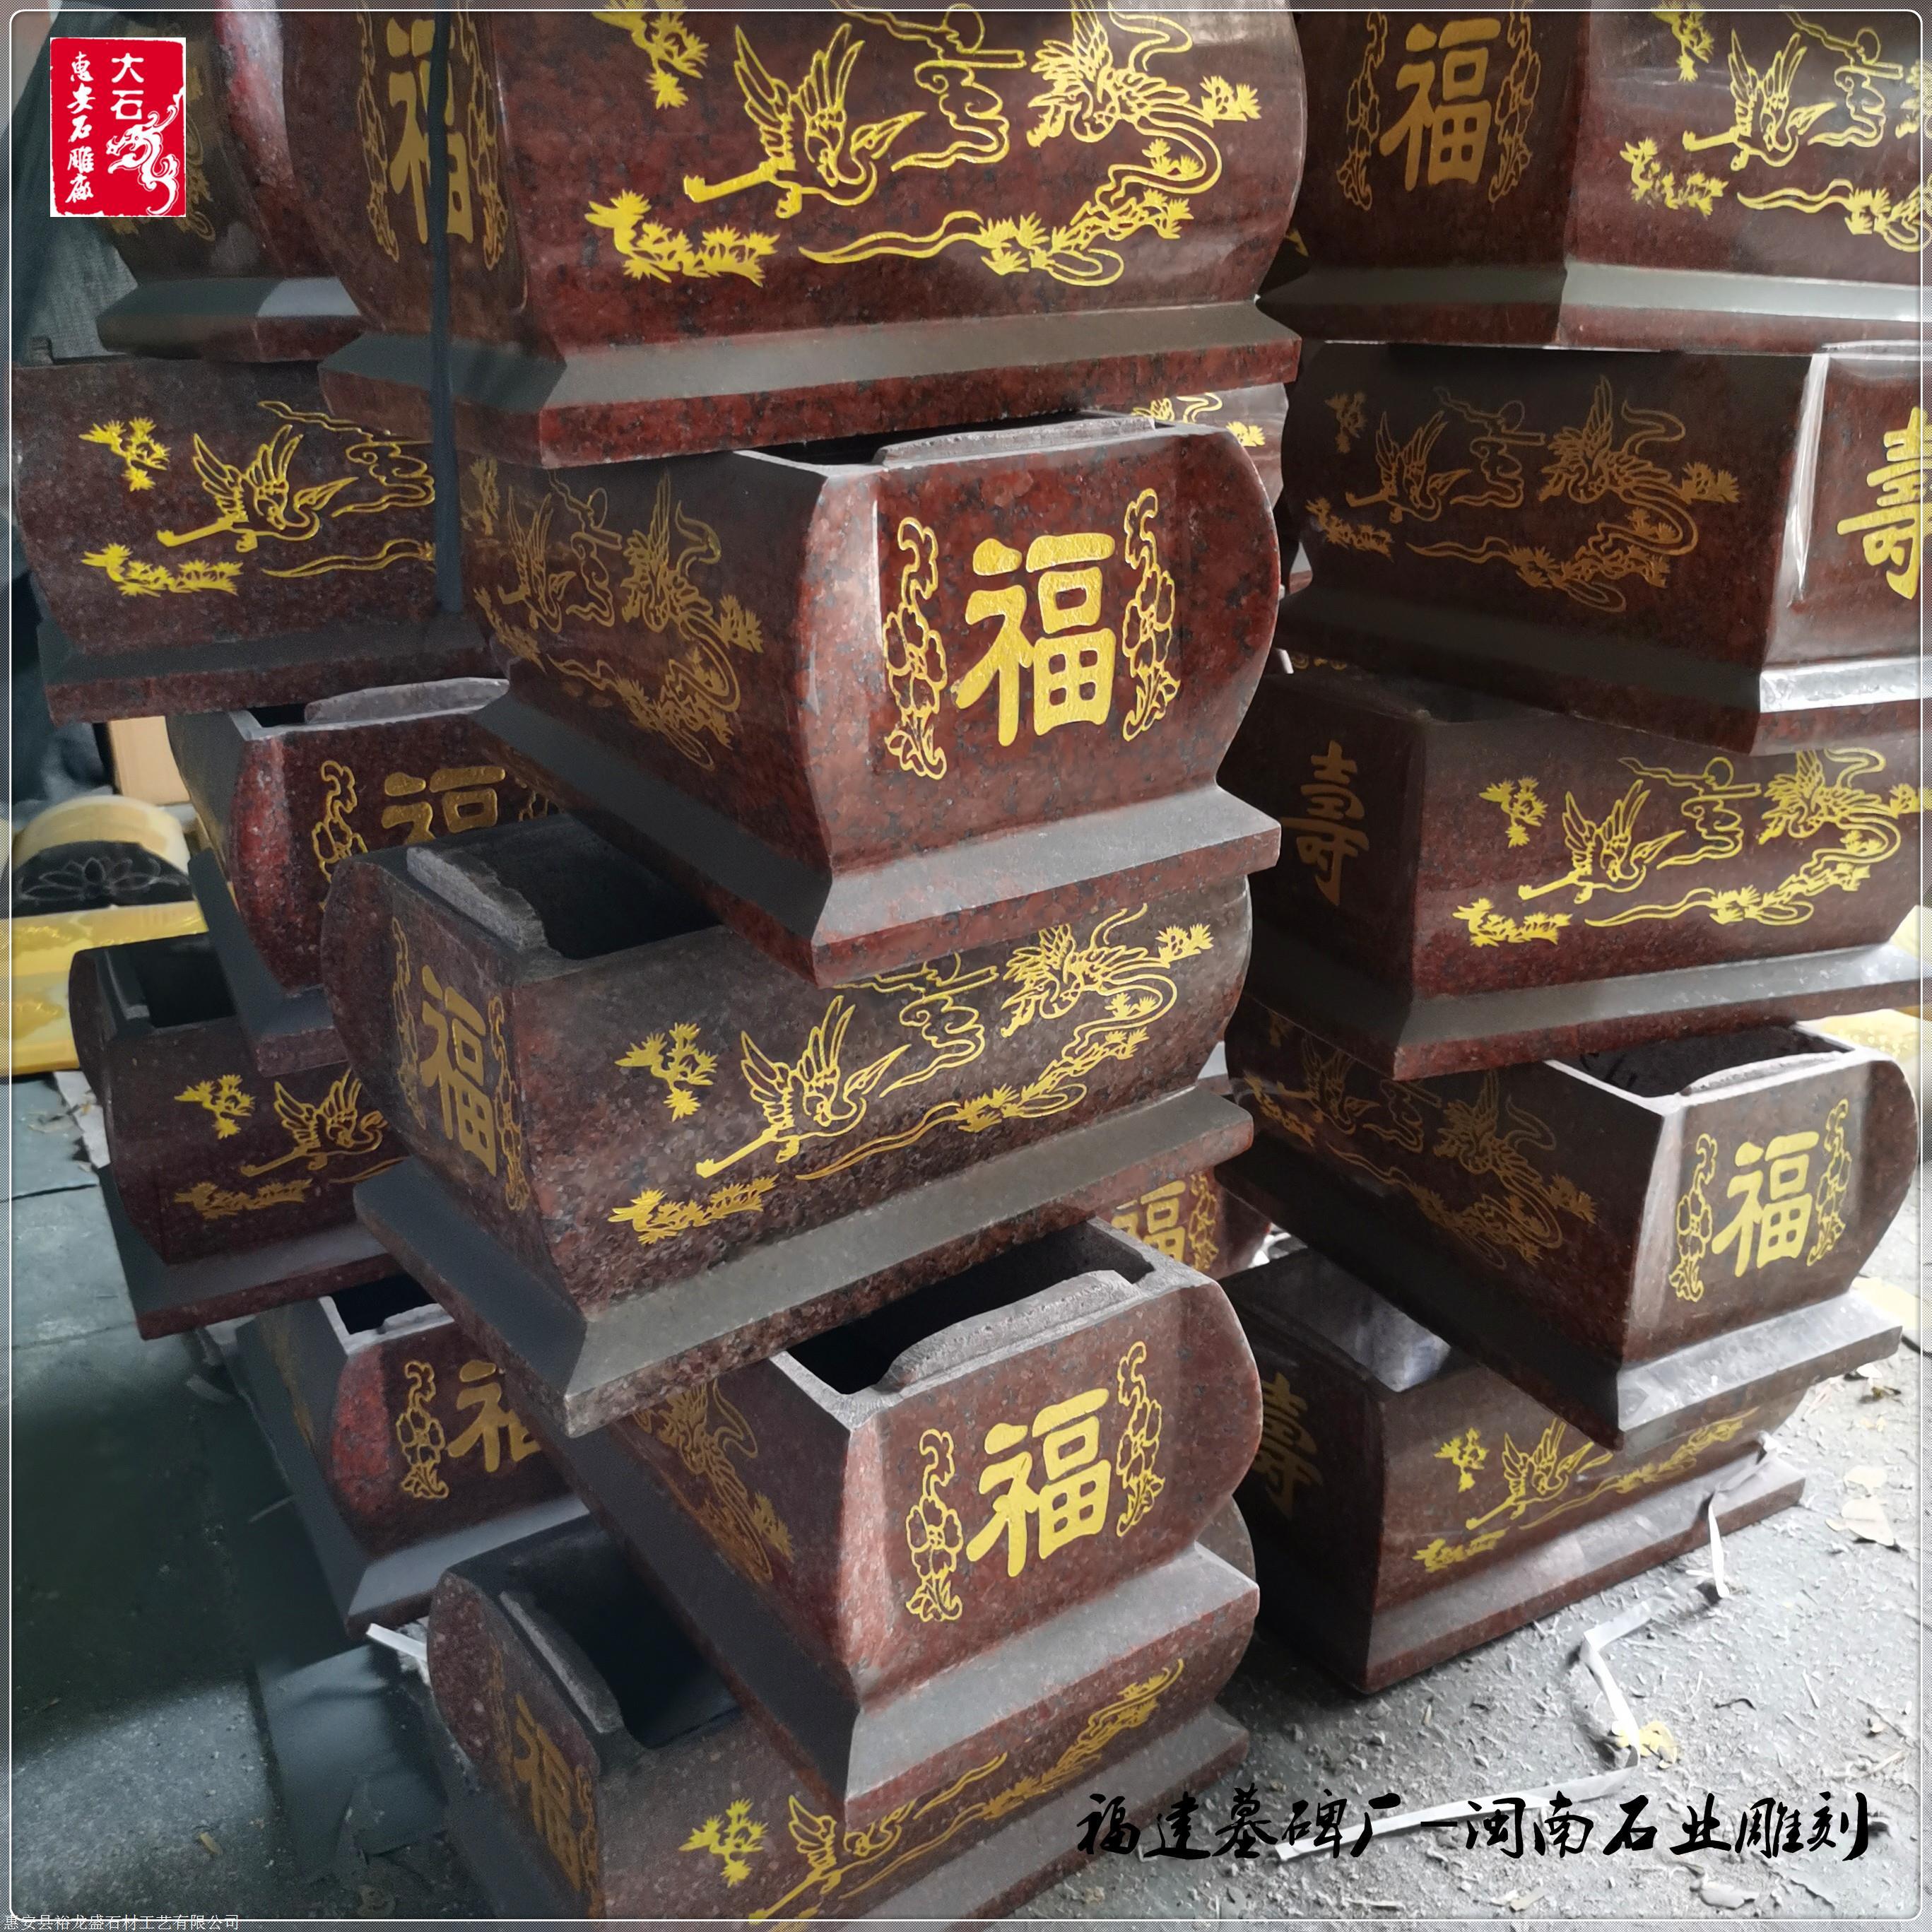 大理石龙凤棺材 玉石骨灰盒 殡葬用品 玉器骨灰盒示例图15